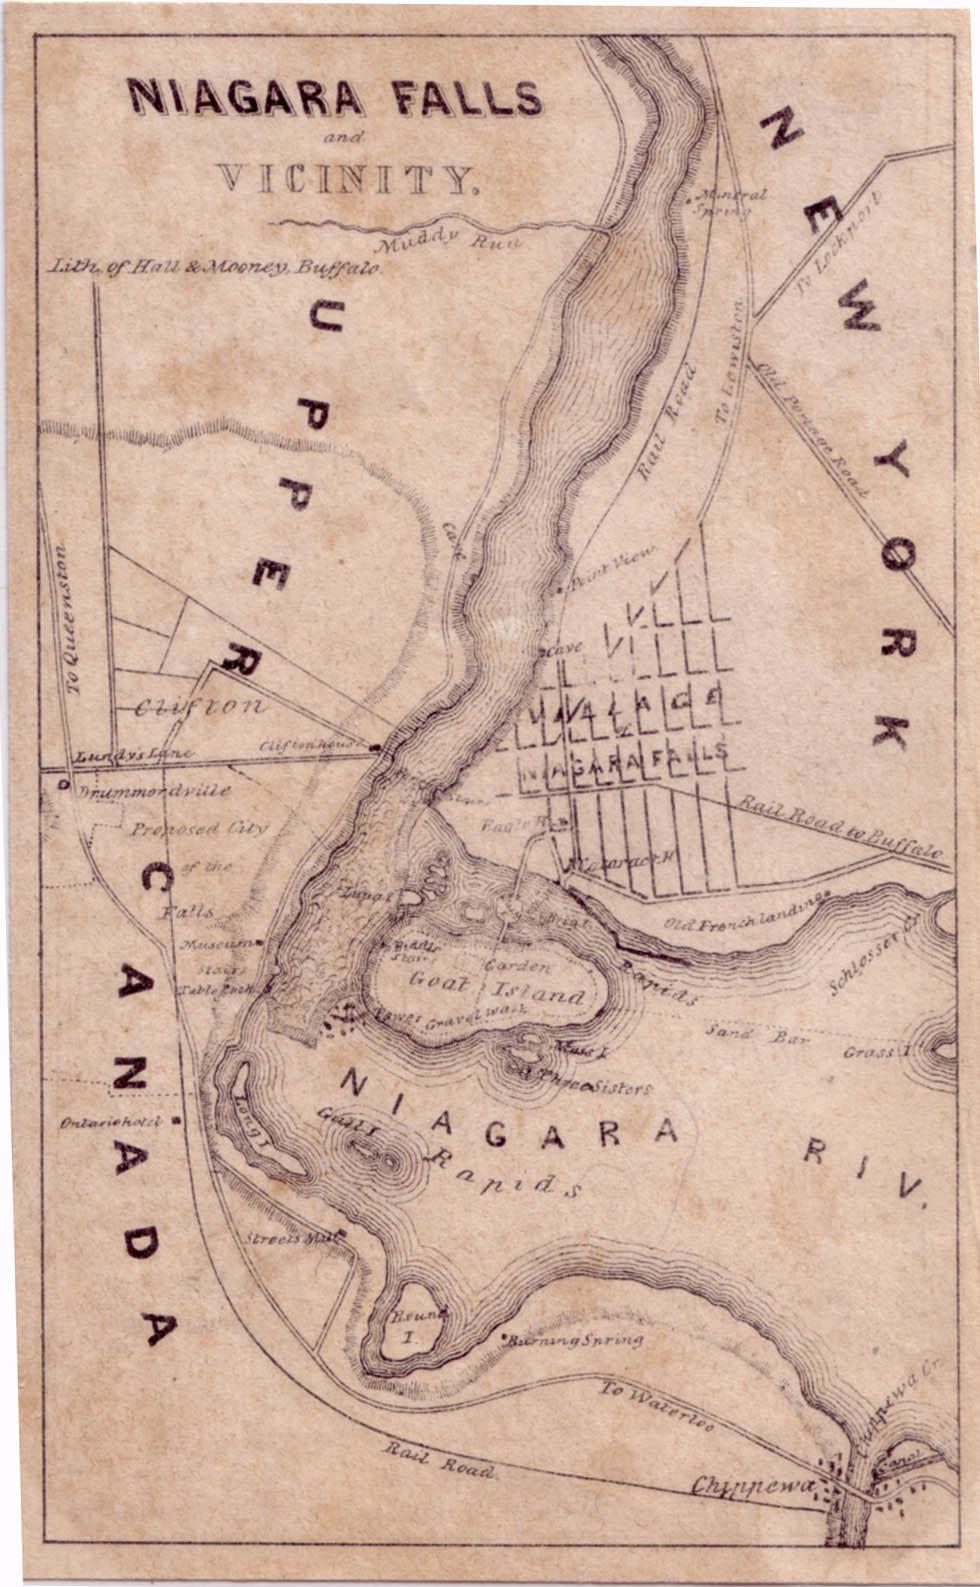 Evolution Of The City Of Niagara Falls